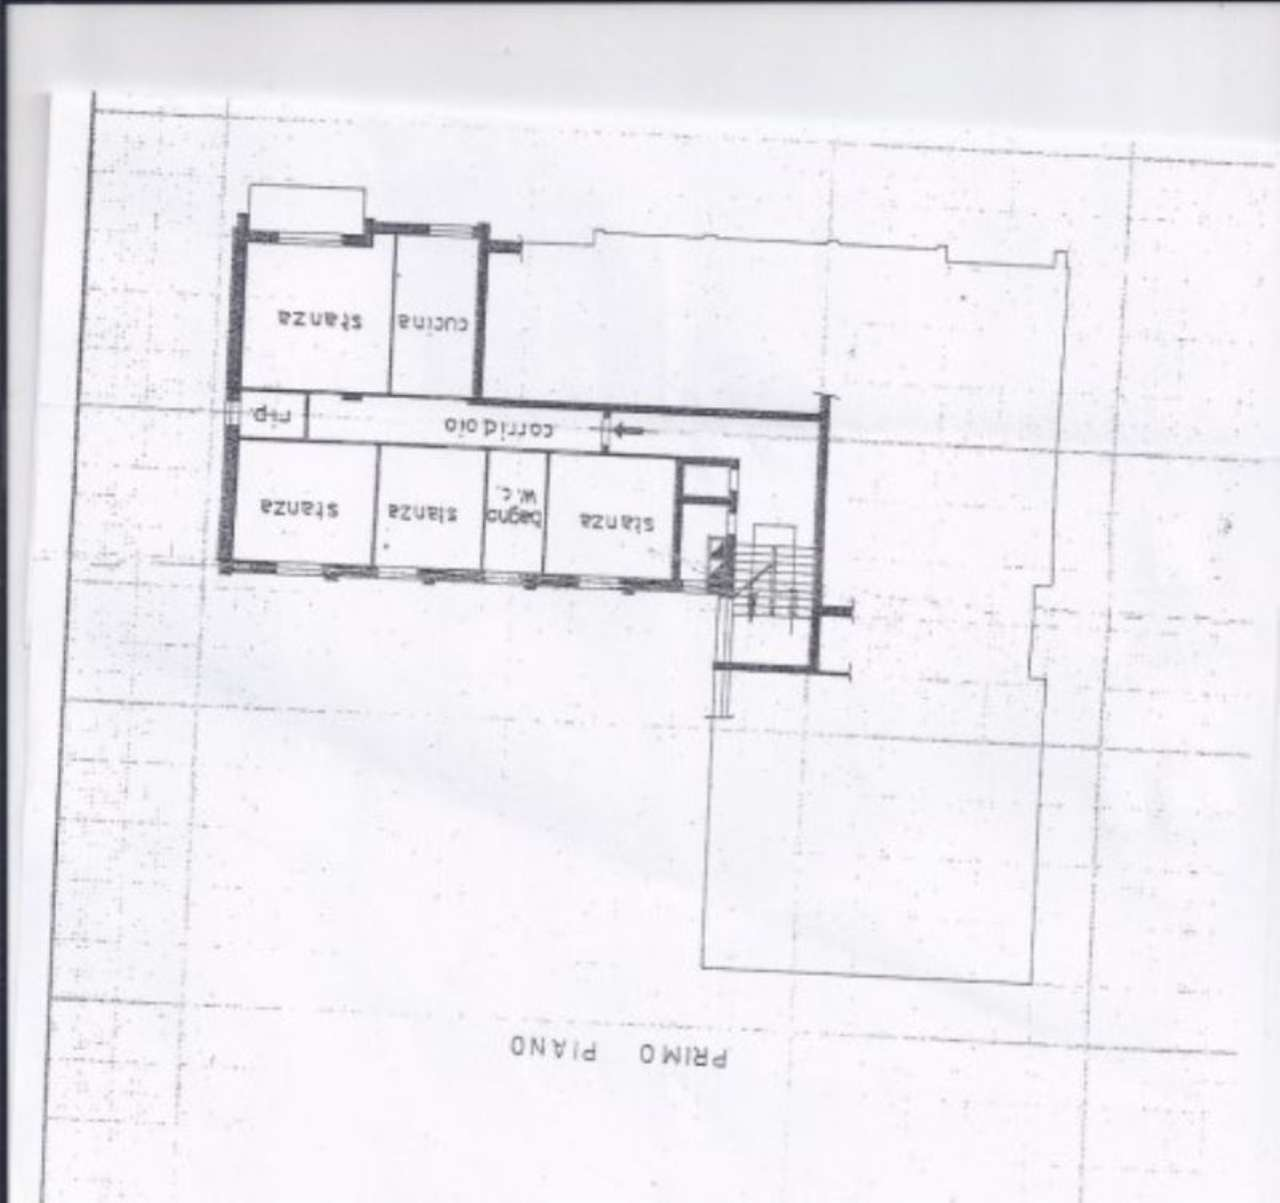 Appartamento in vendita a Cles, 4 locali, prezzo € 170.000 | CambioCasa.it